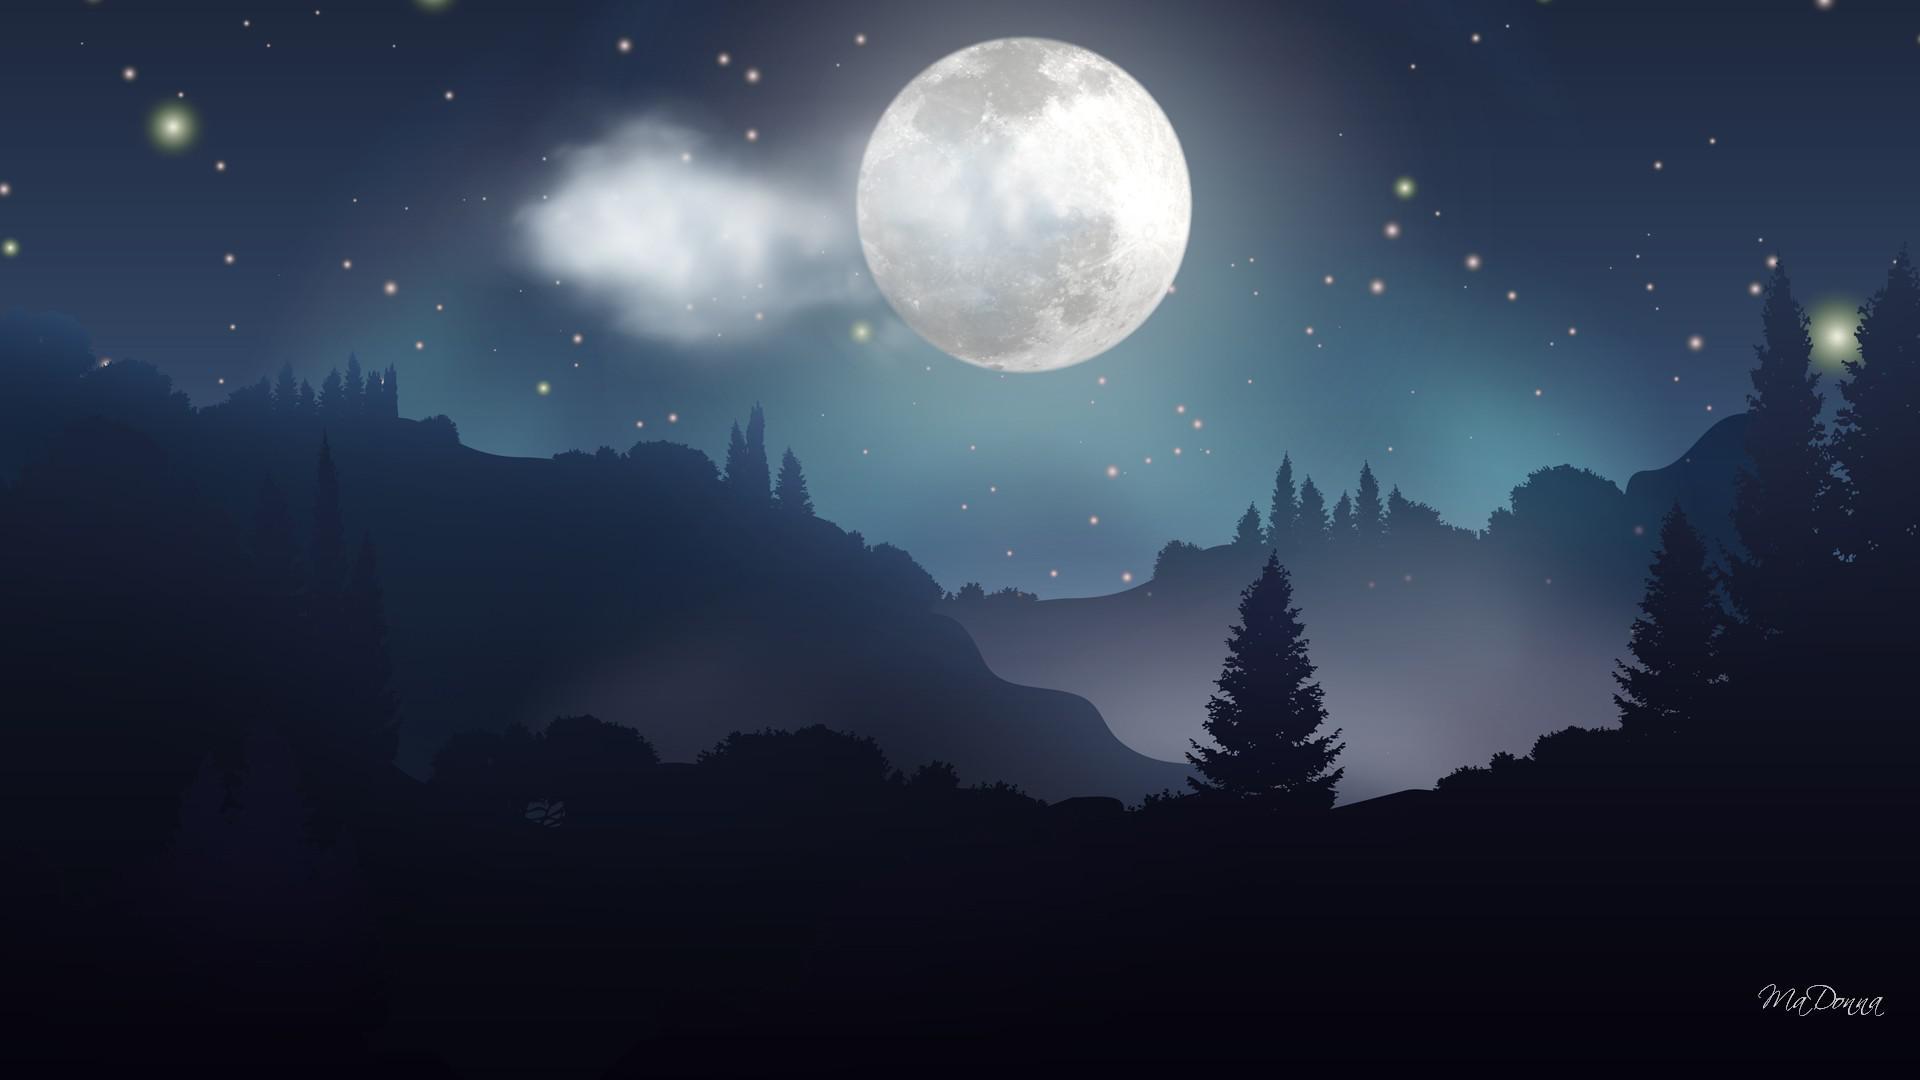 Moonlight forest night HQ WALLPAPER - (#153828)